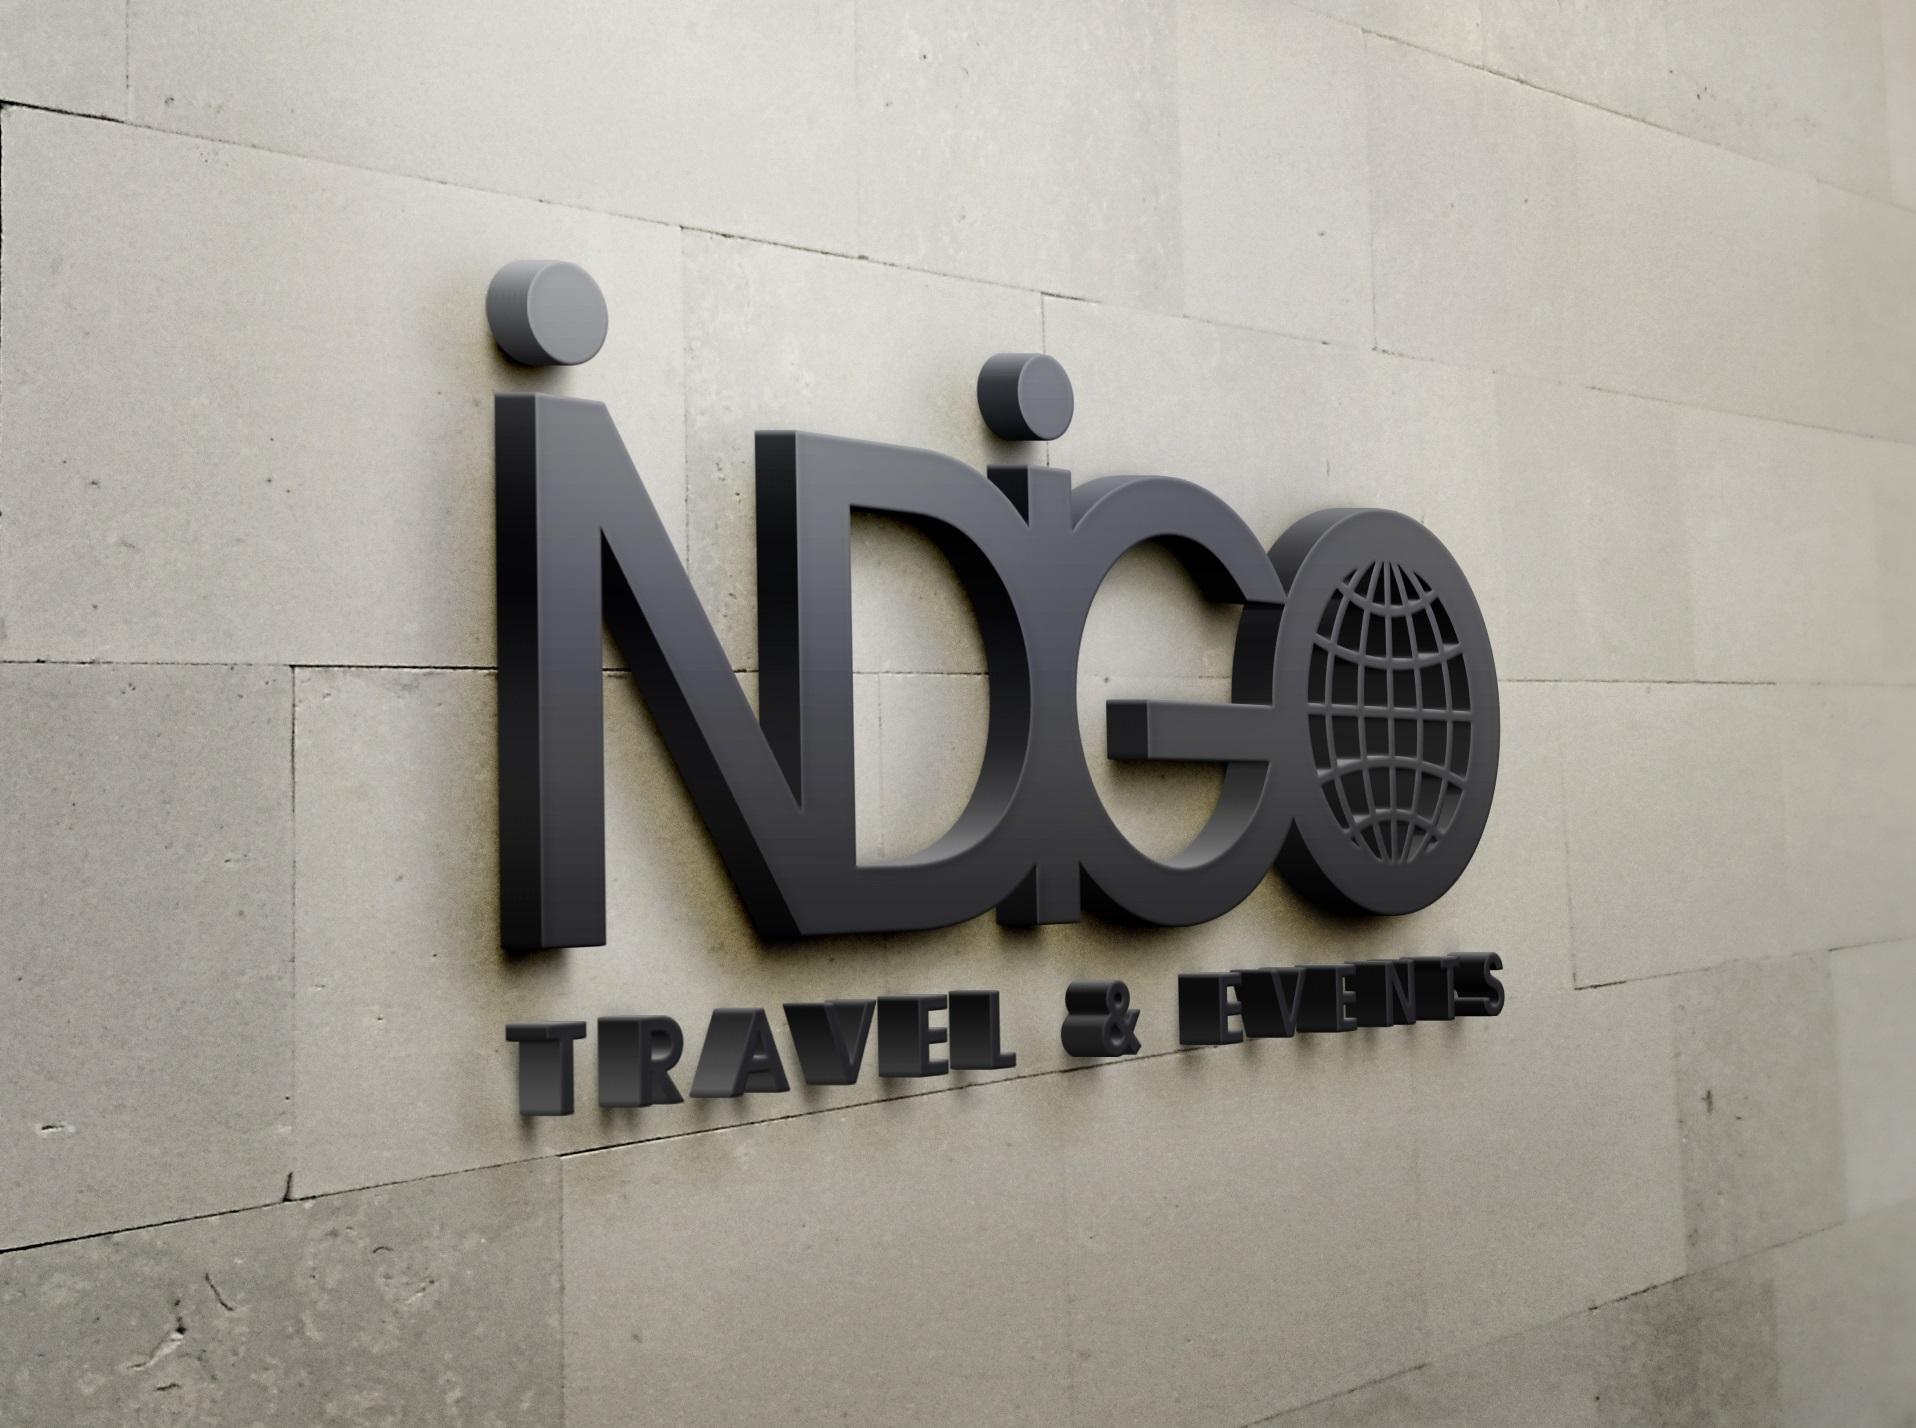 Indigo Travel & Events